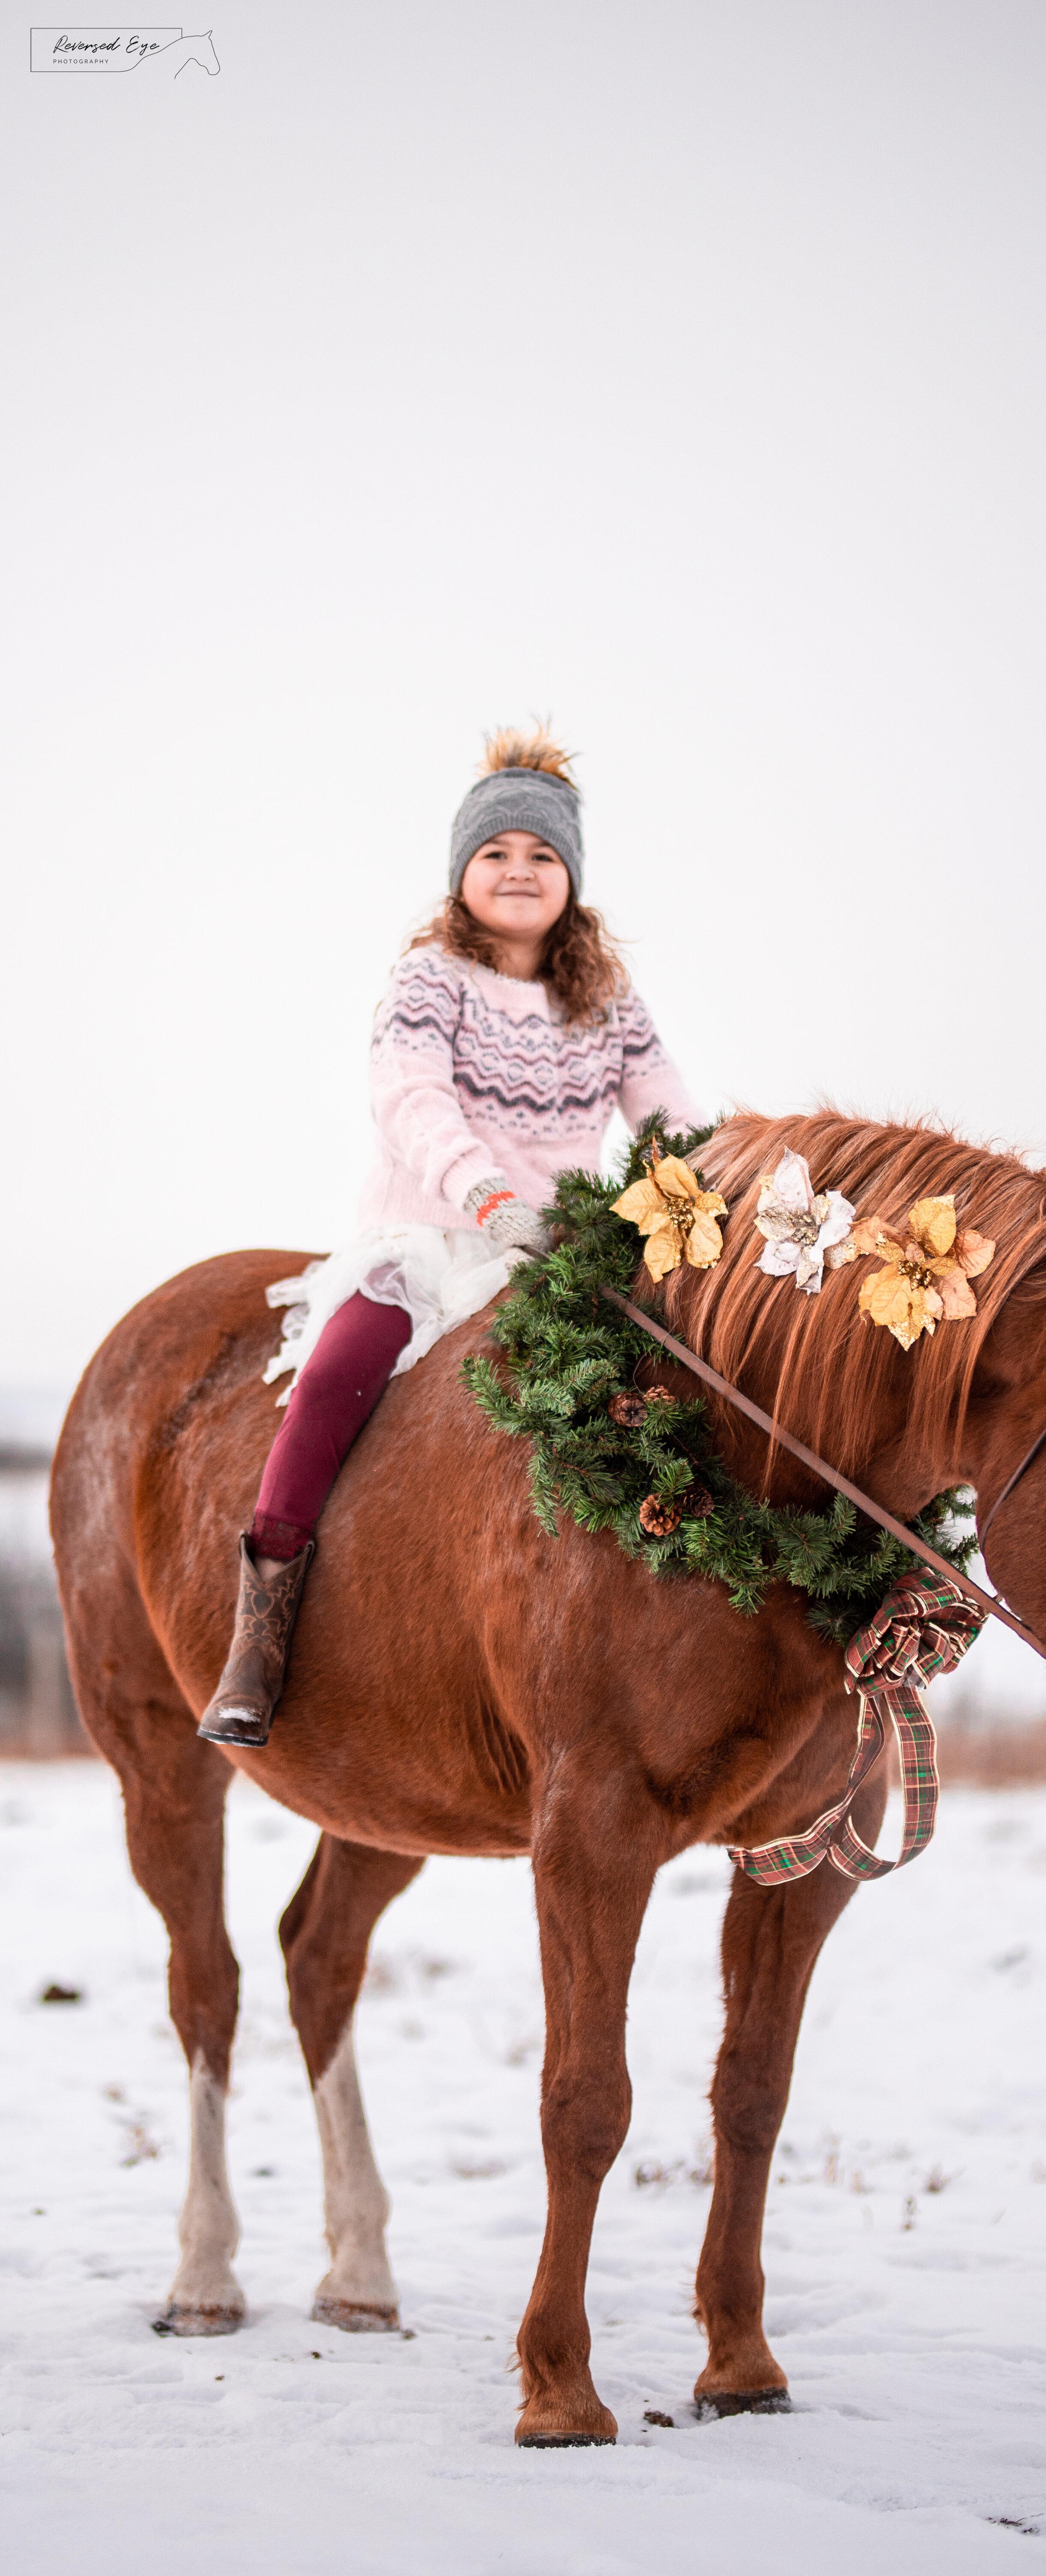 Ponies Reversed Eye Photography Edmonton Equine Photographer Blog Of The Edmonton Equine Photographer